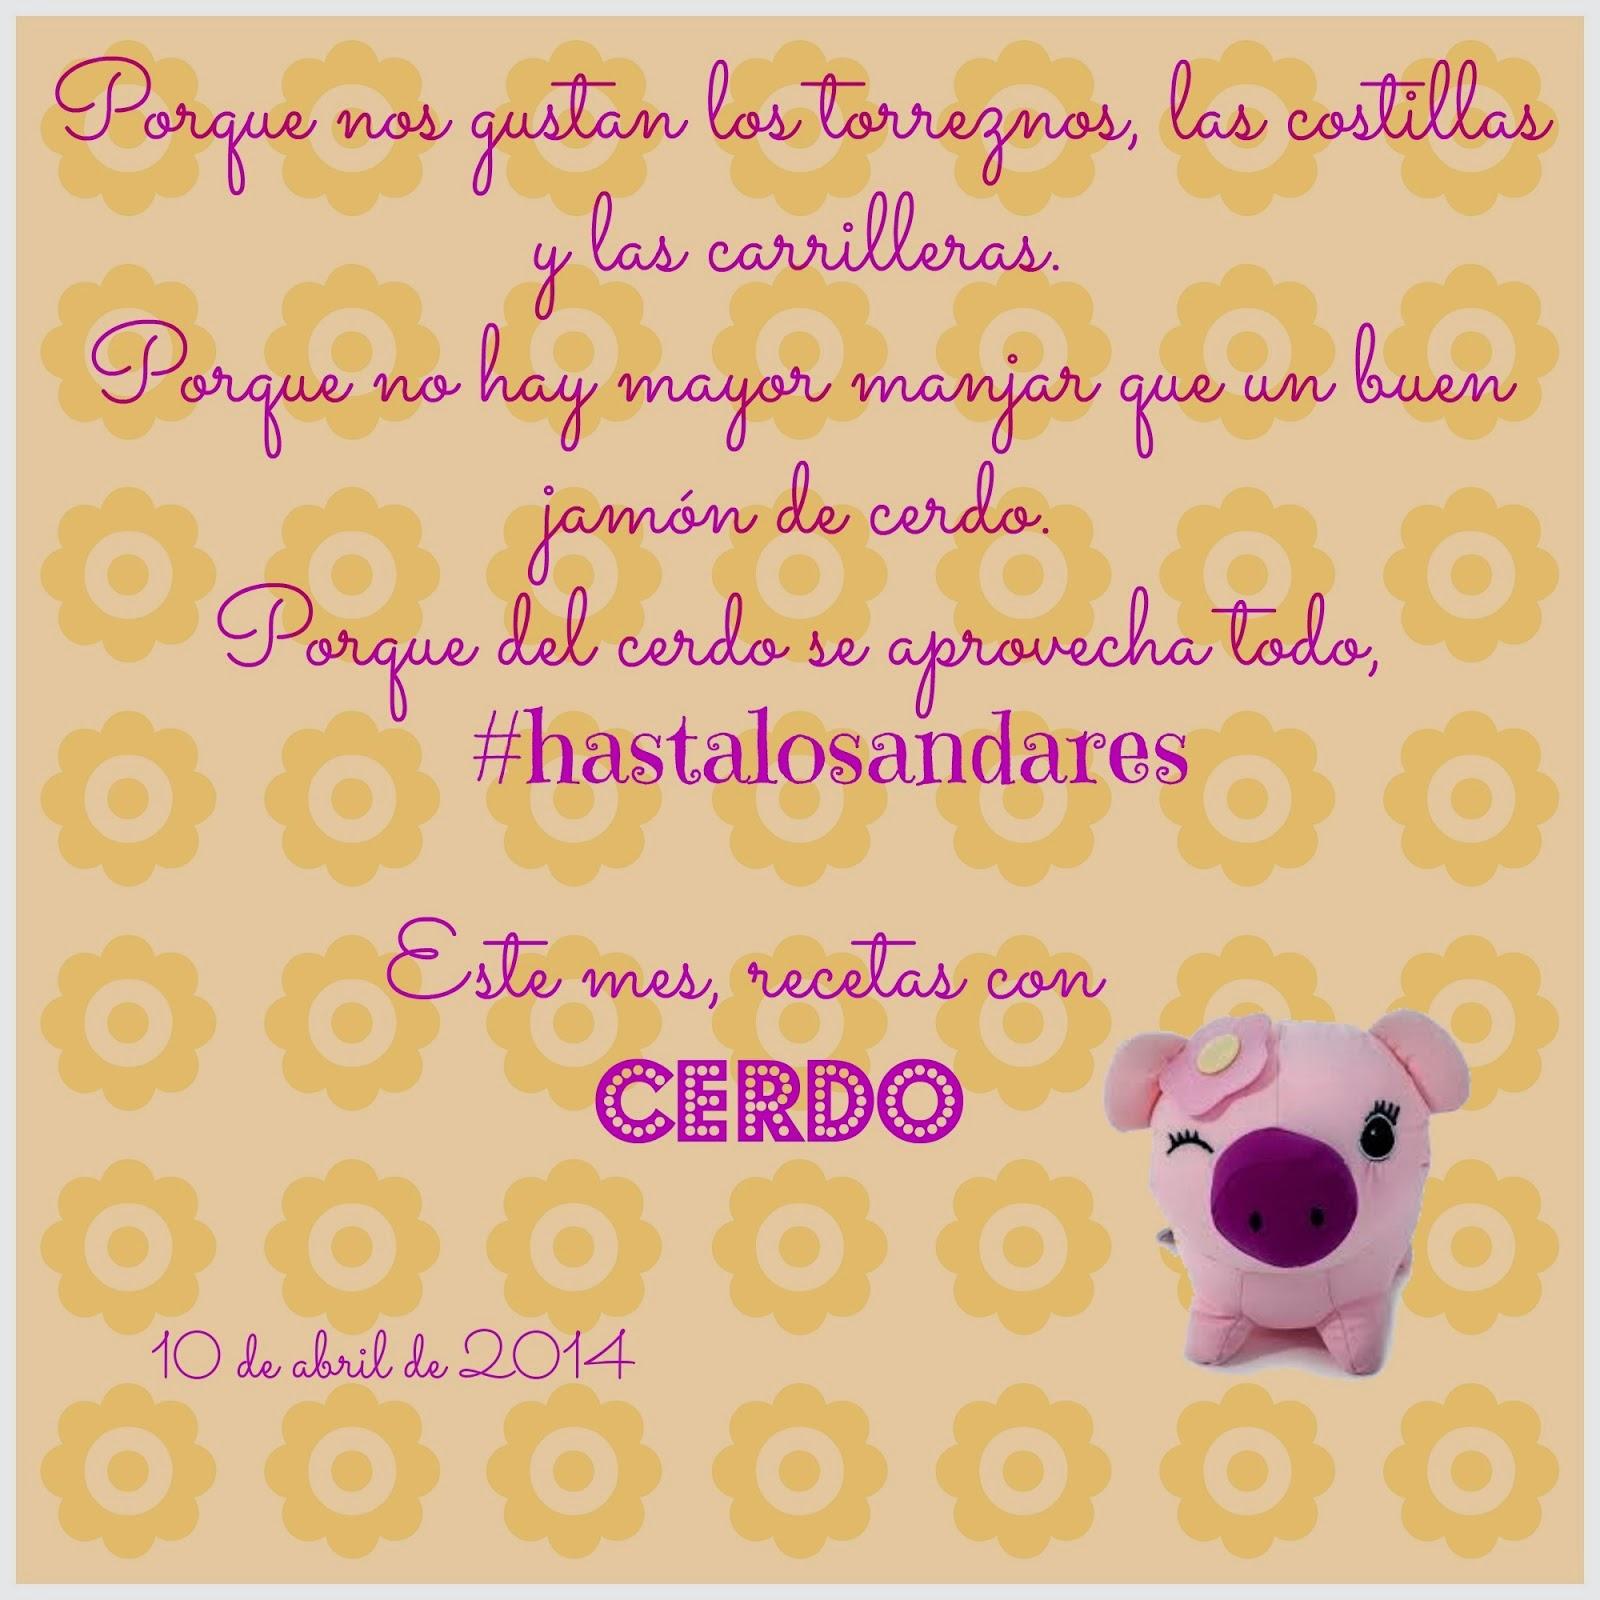 http://lacocinats.blogspot.com.es/2014/03/del-cerdo-hasta-los-andares.html